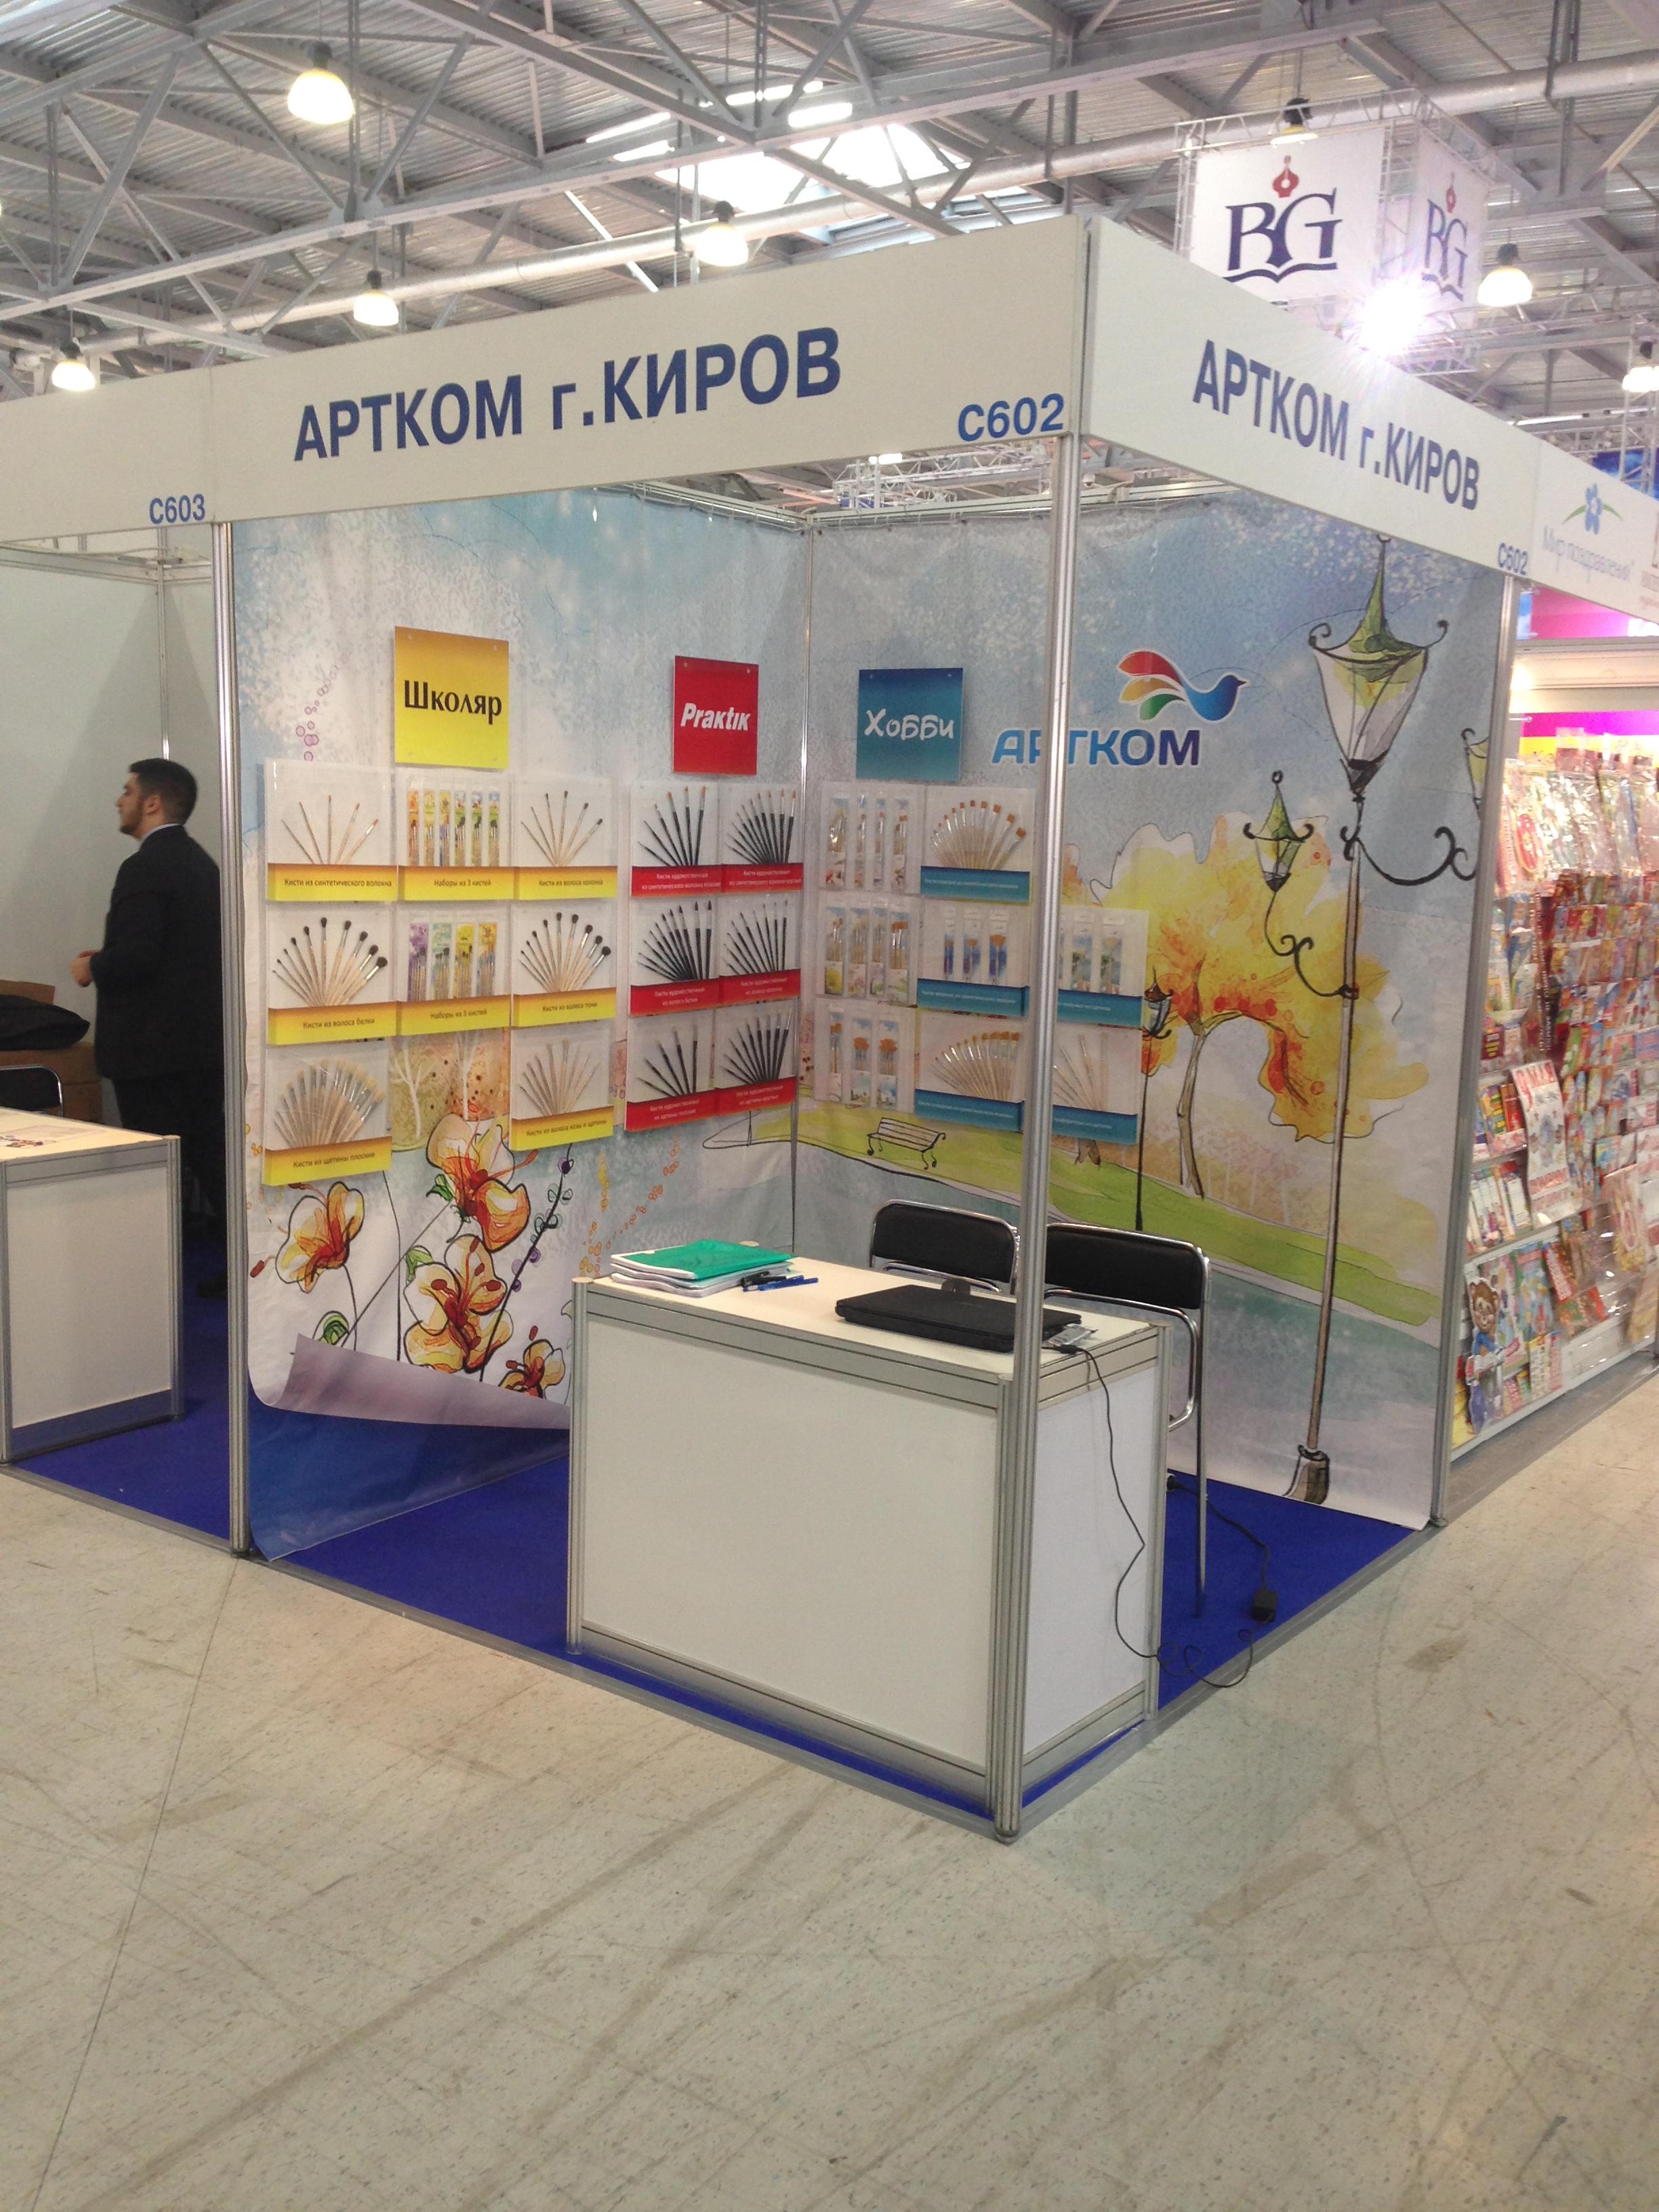 Cocaine Купить Батайск Кристаллы безкидалова Новосибирск